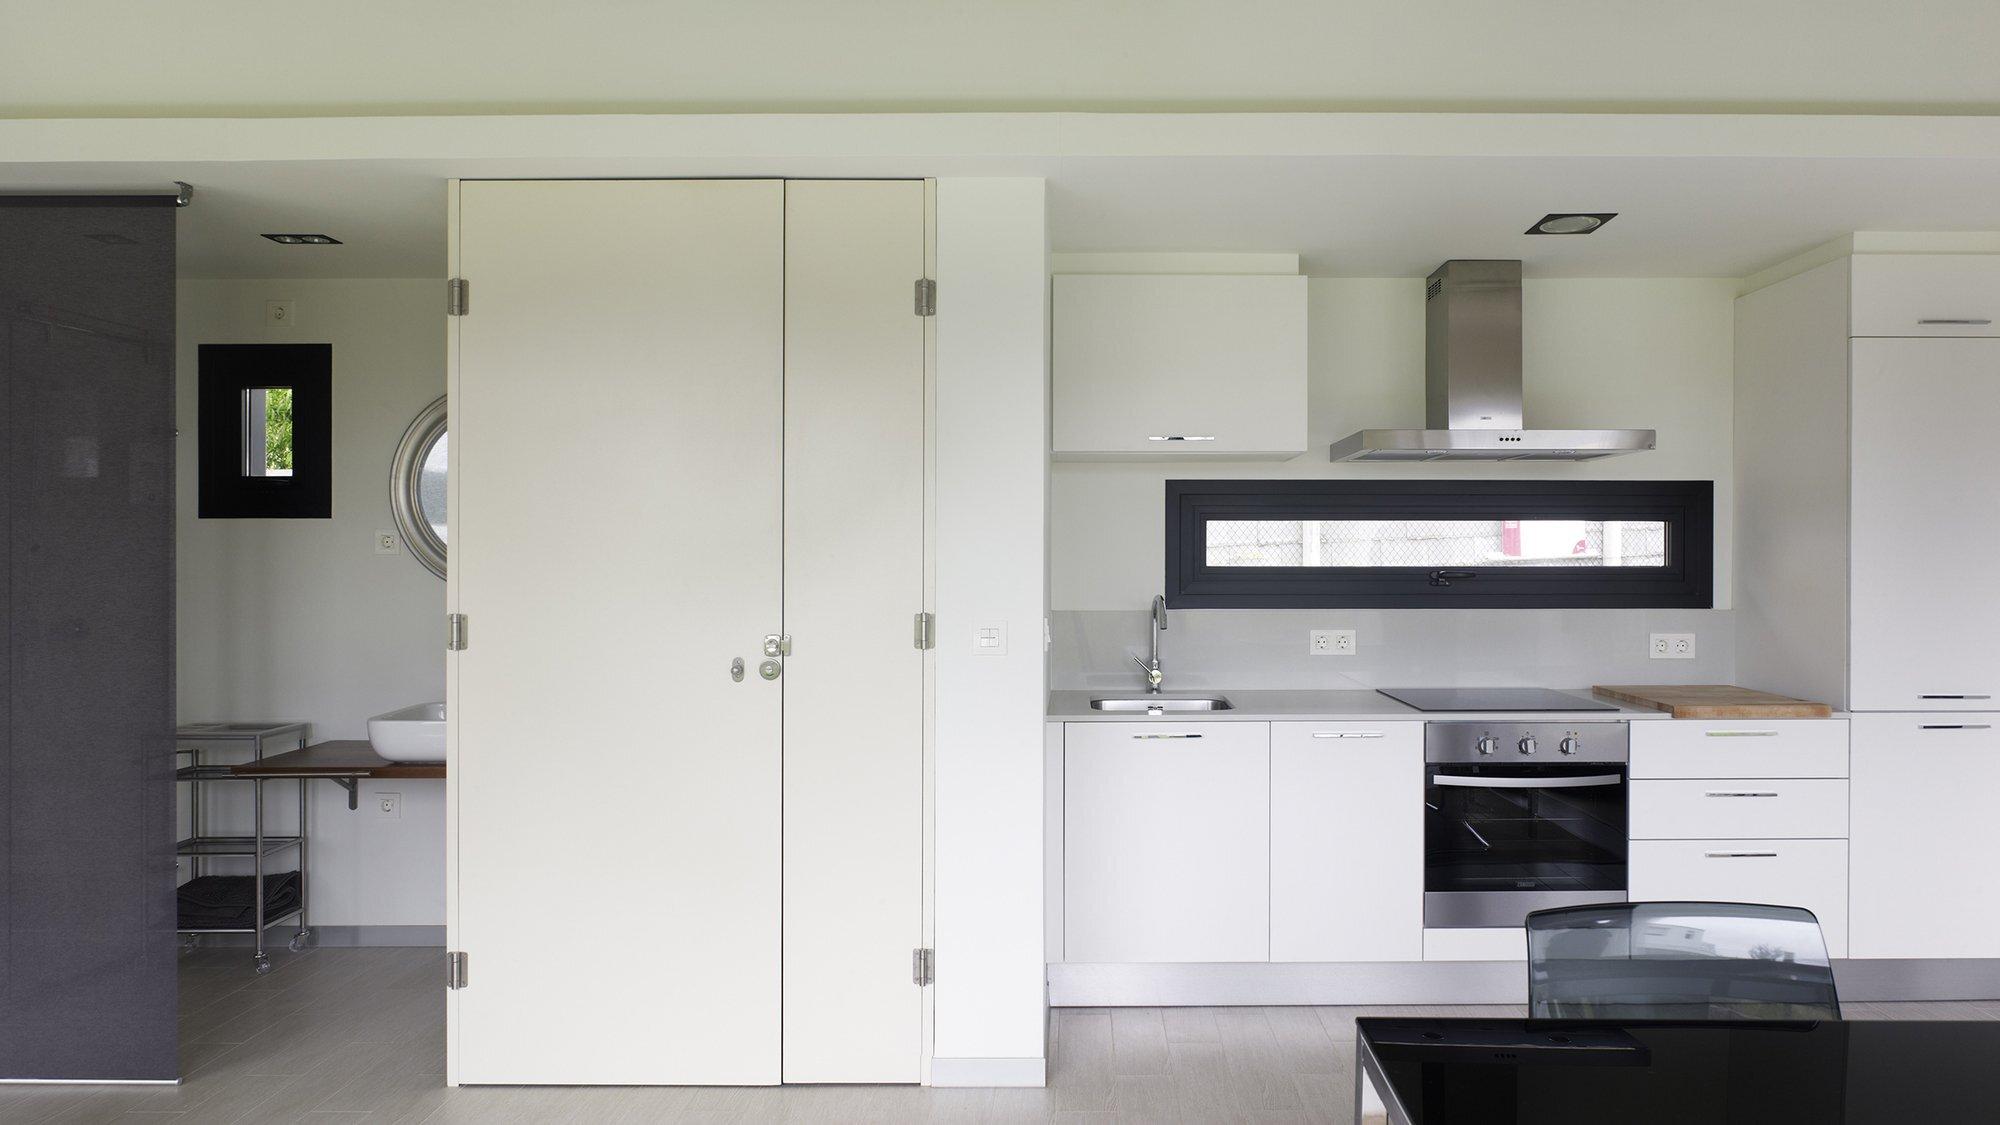 Renovación de Vivienda en Rubianes - Small House - Nan Arquitectos - Spain - Kitchen- Humble Homes